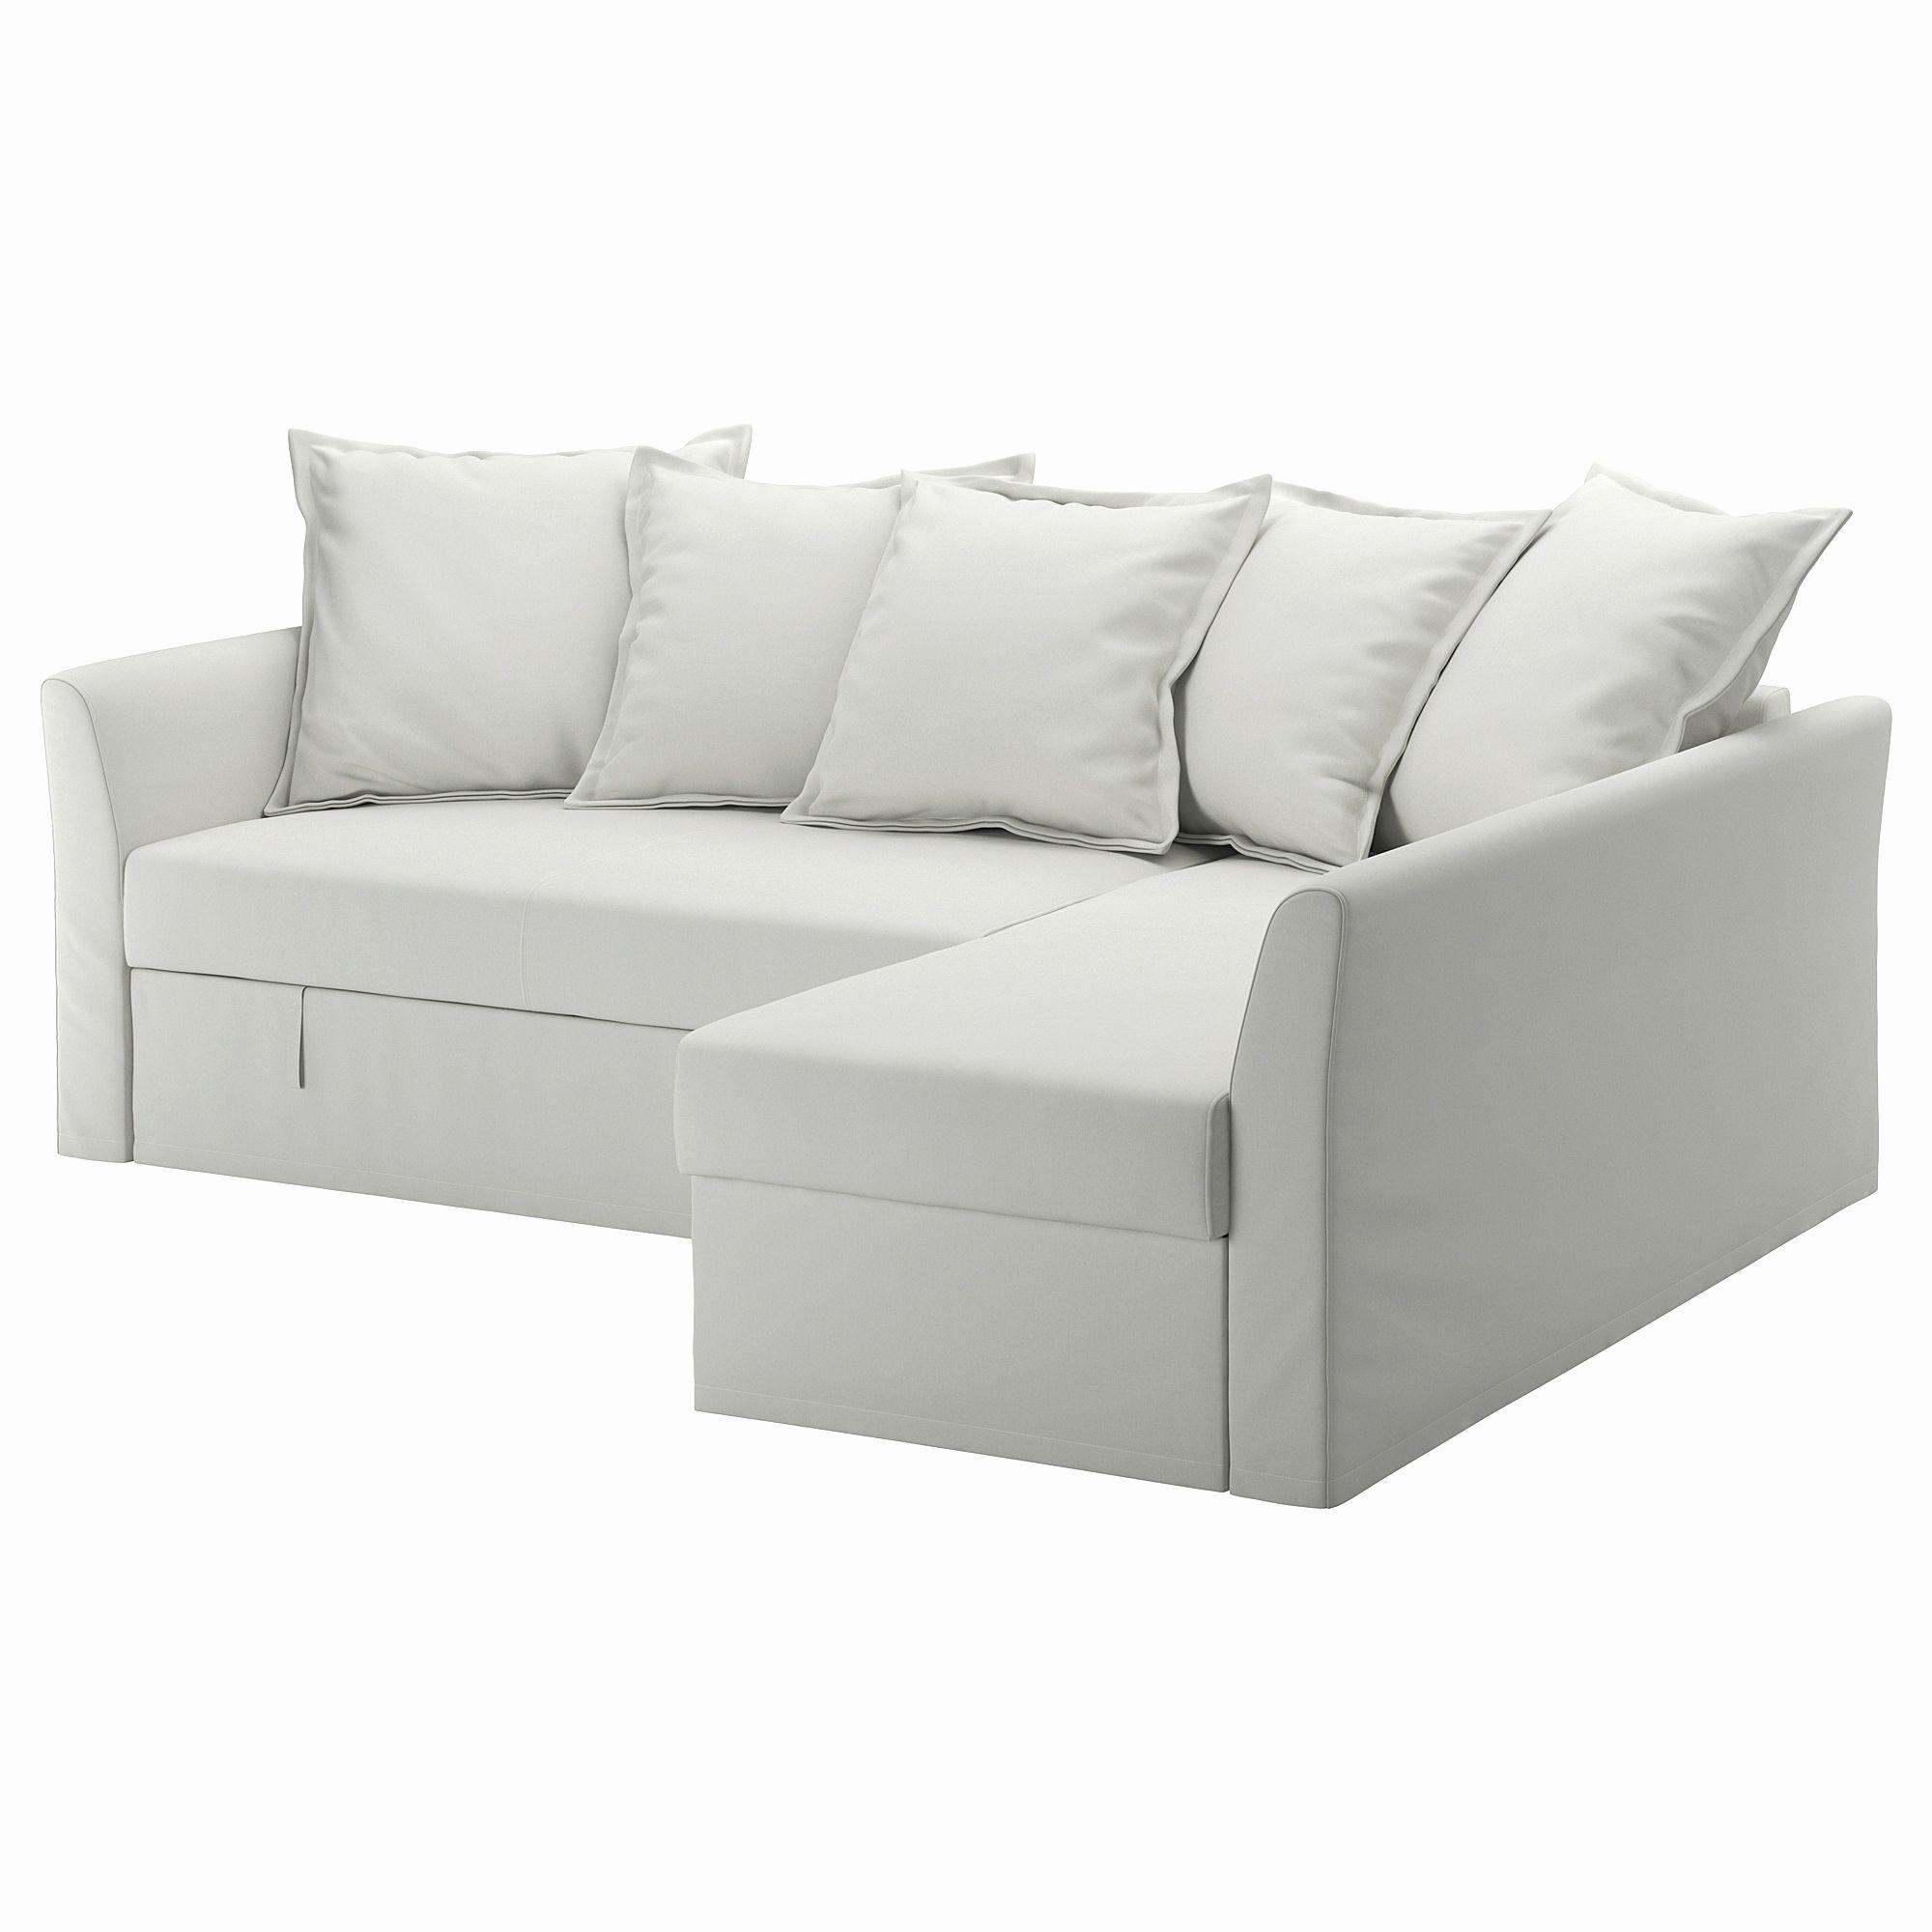 Unique Ikea sofa Covers Shot Ikea sofa Covers Best Of sofa